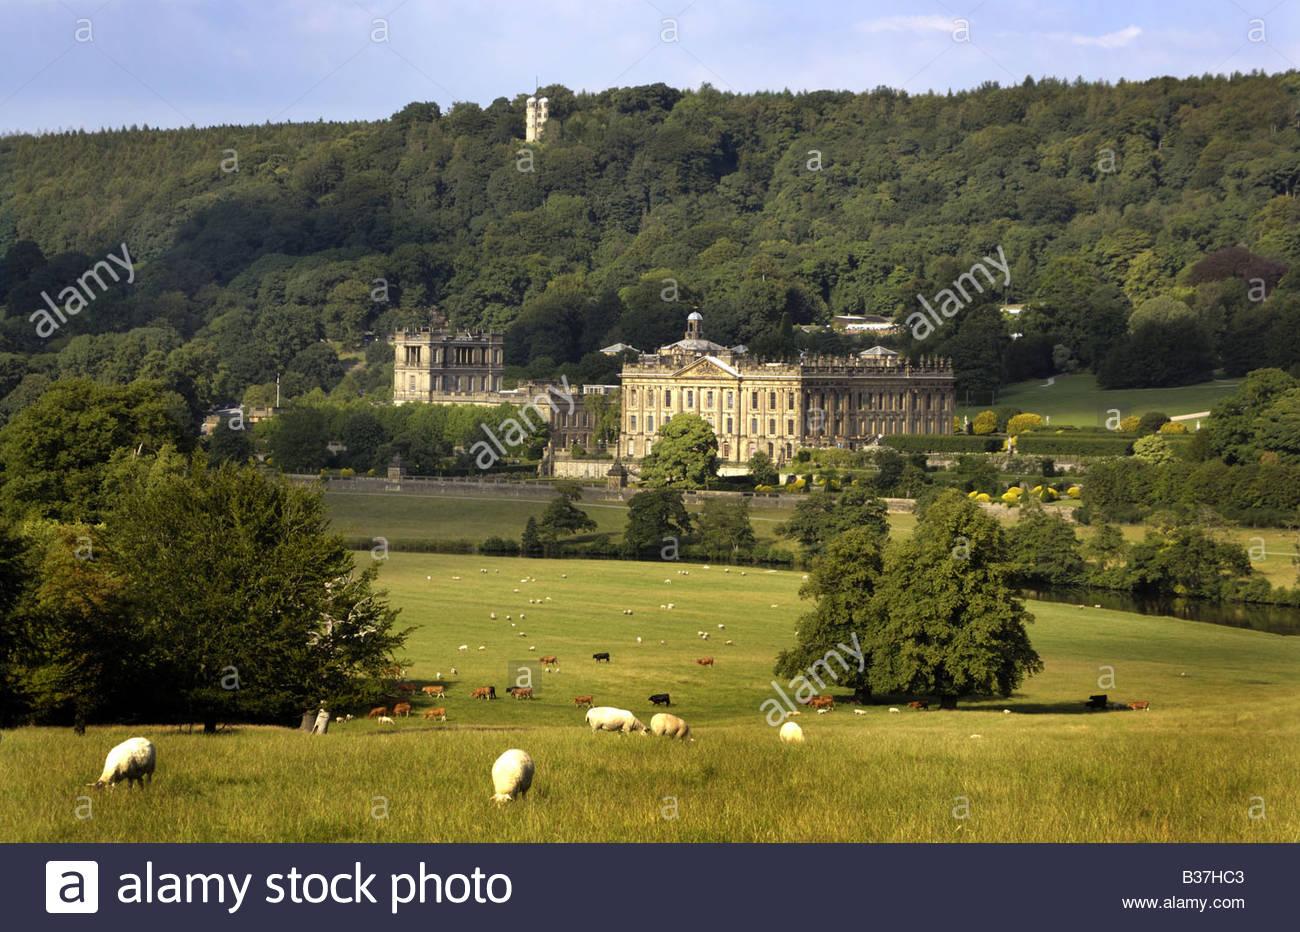 Chatsworth House, Derbyshire, UK - Stock Image